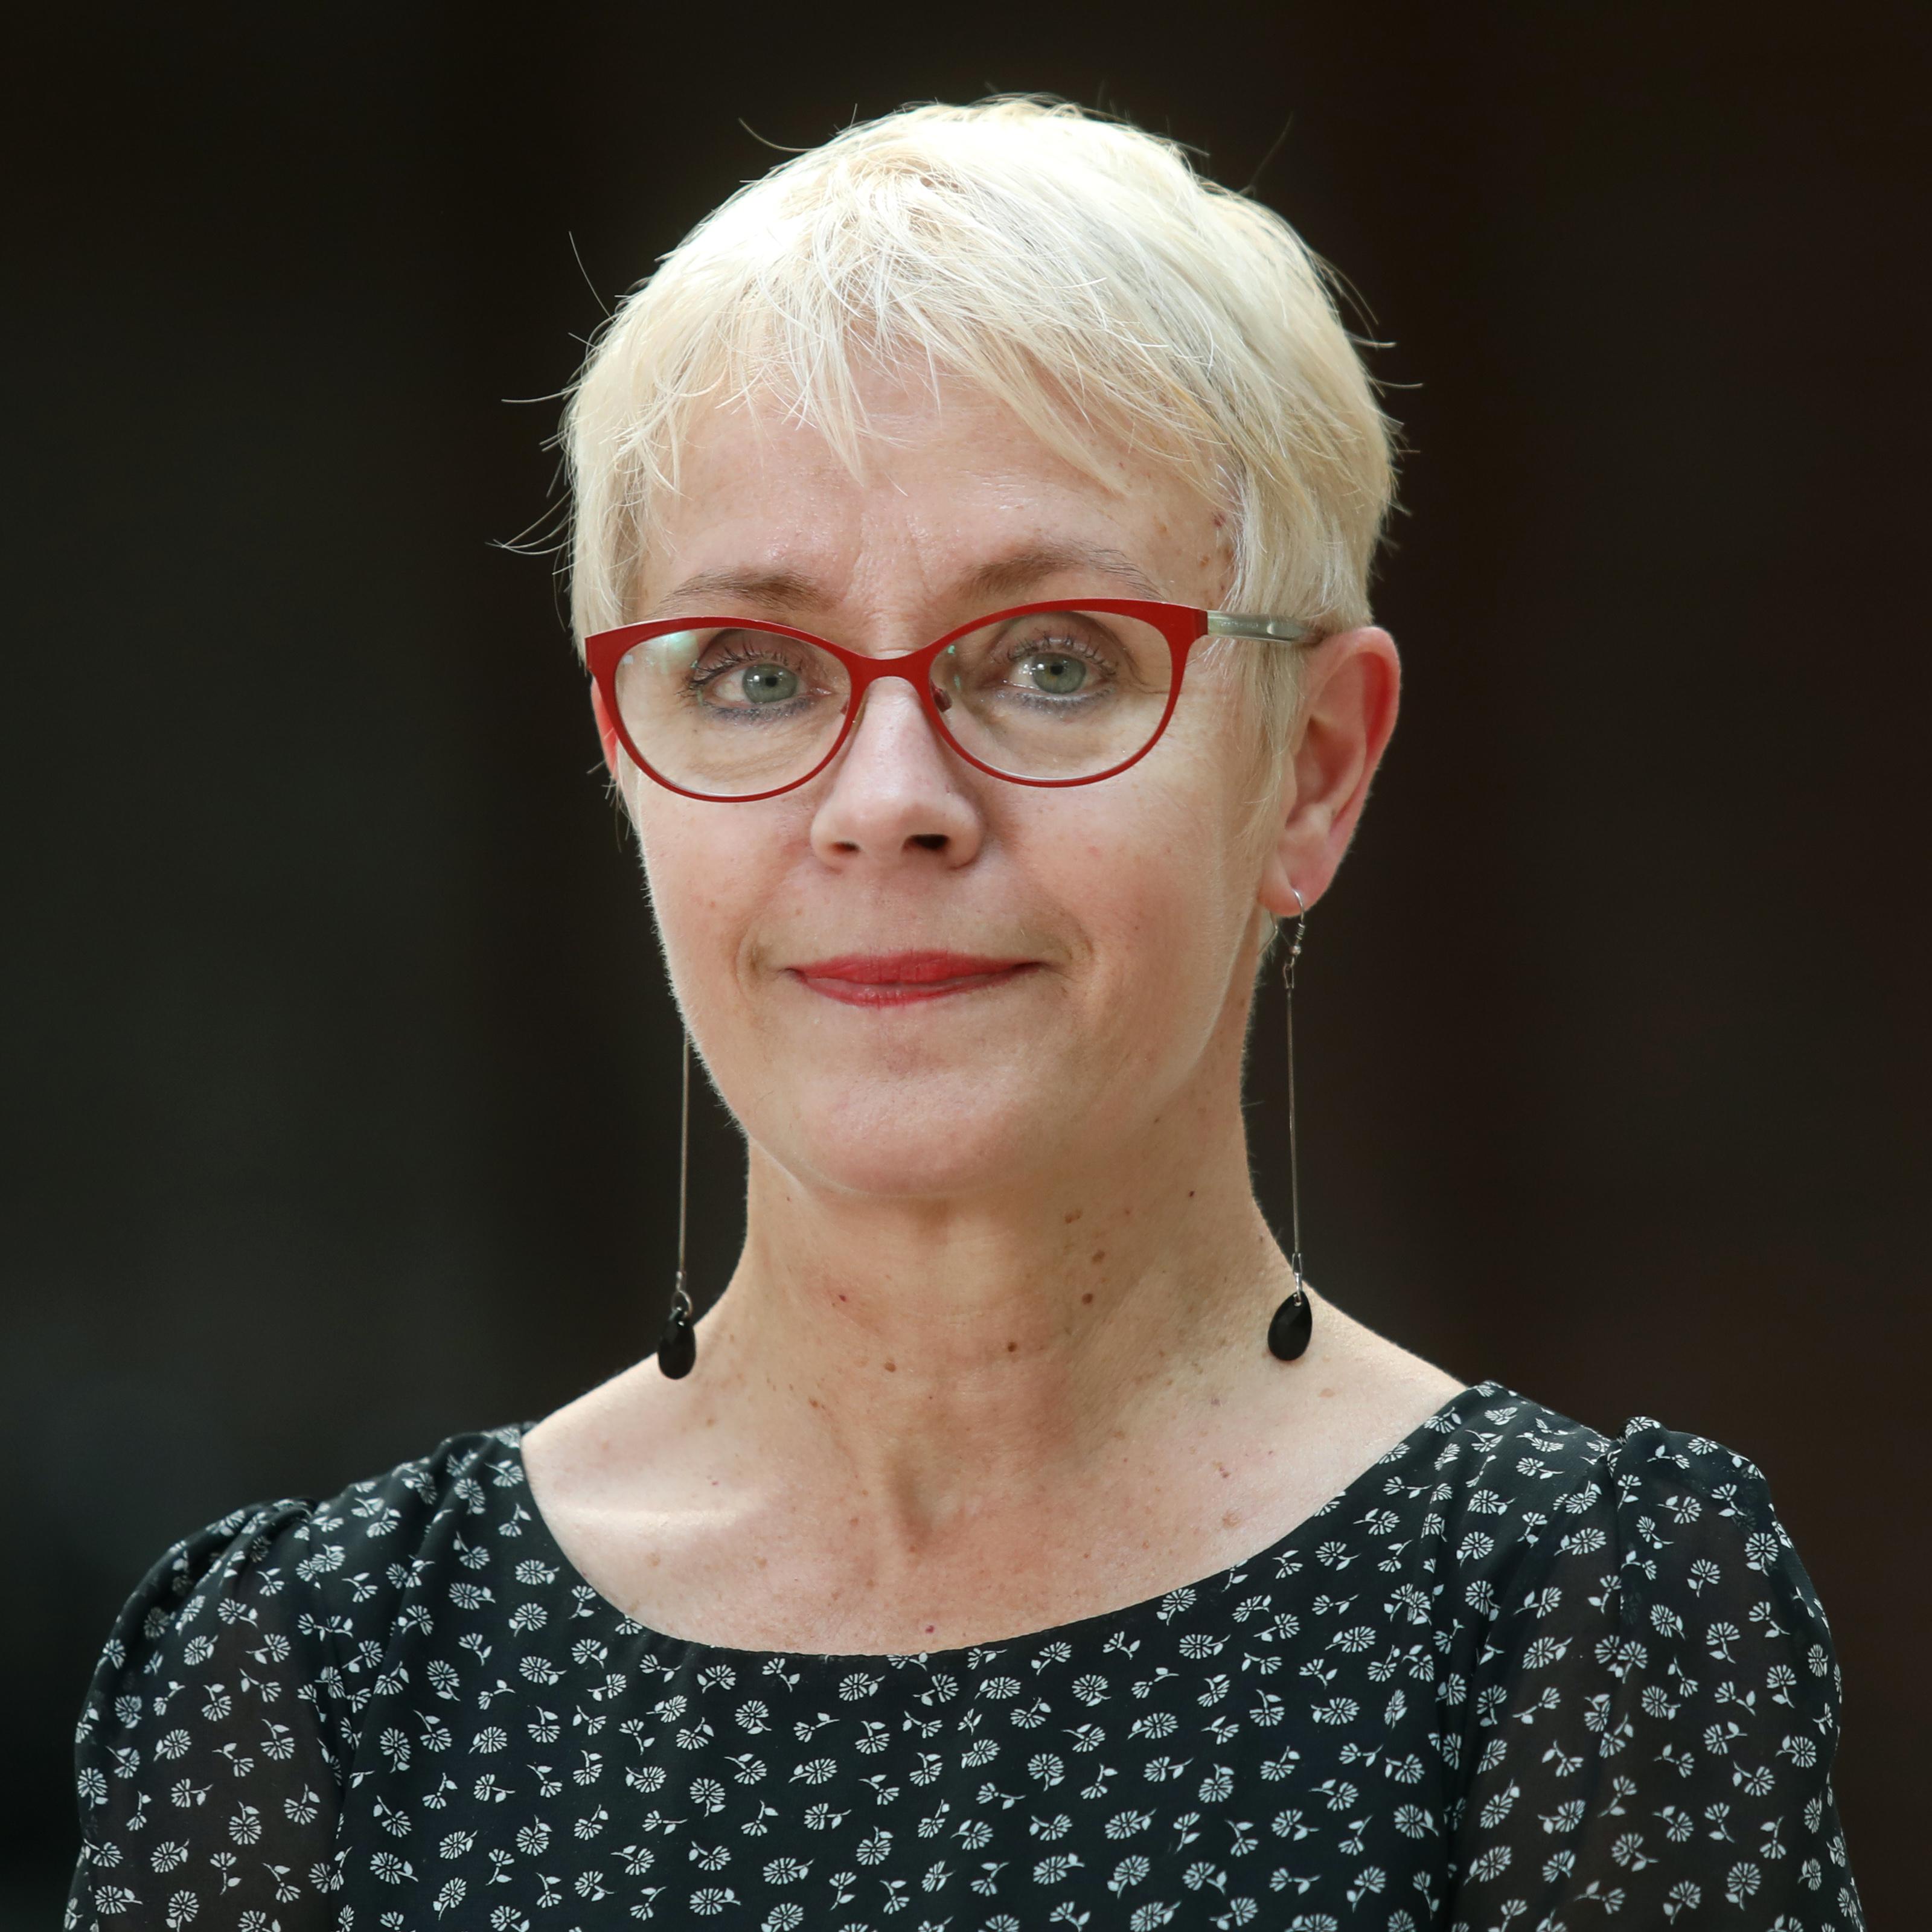 Małgorzata Buczkowska